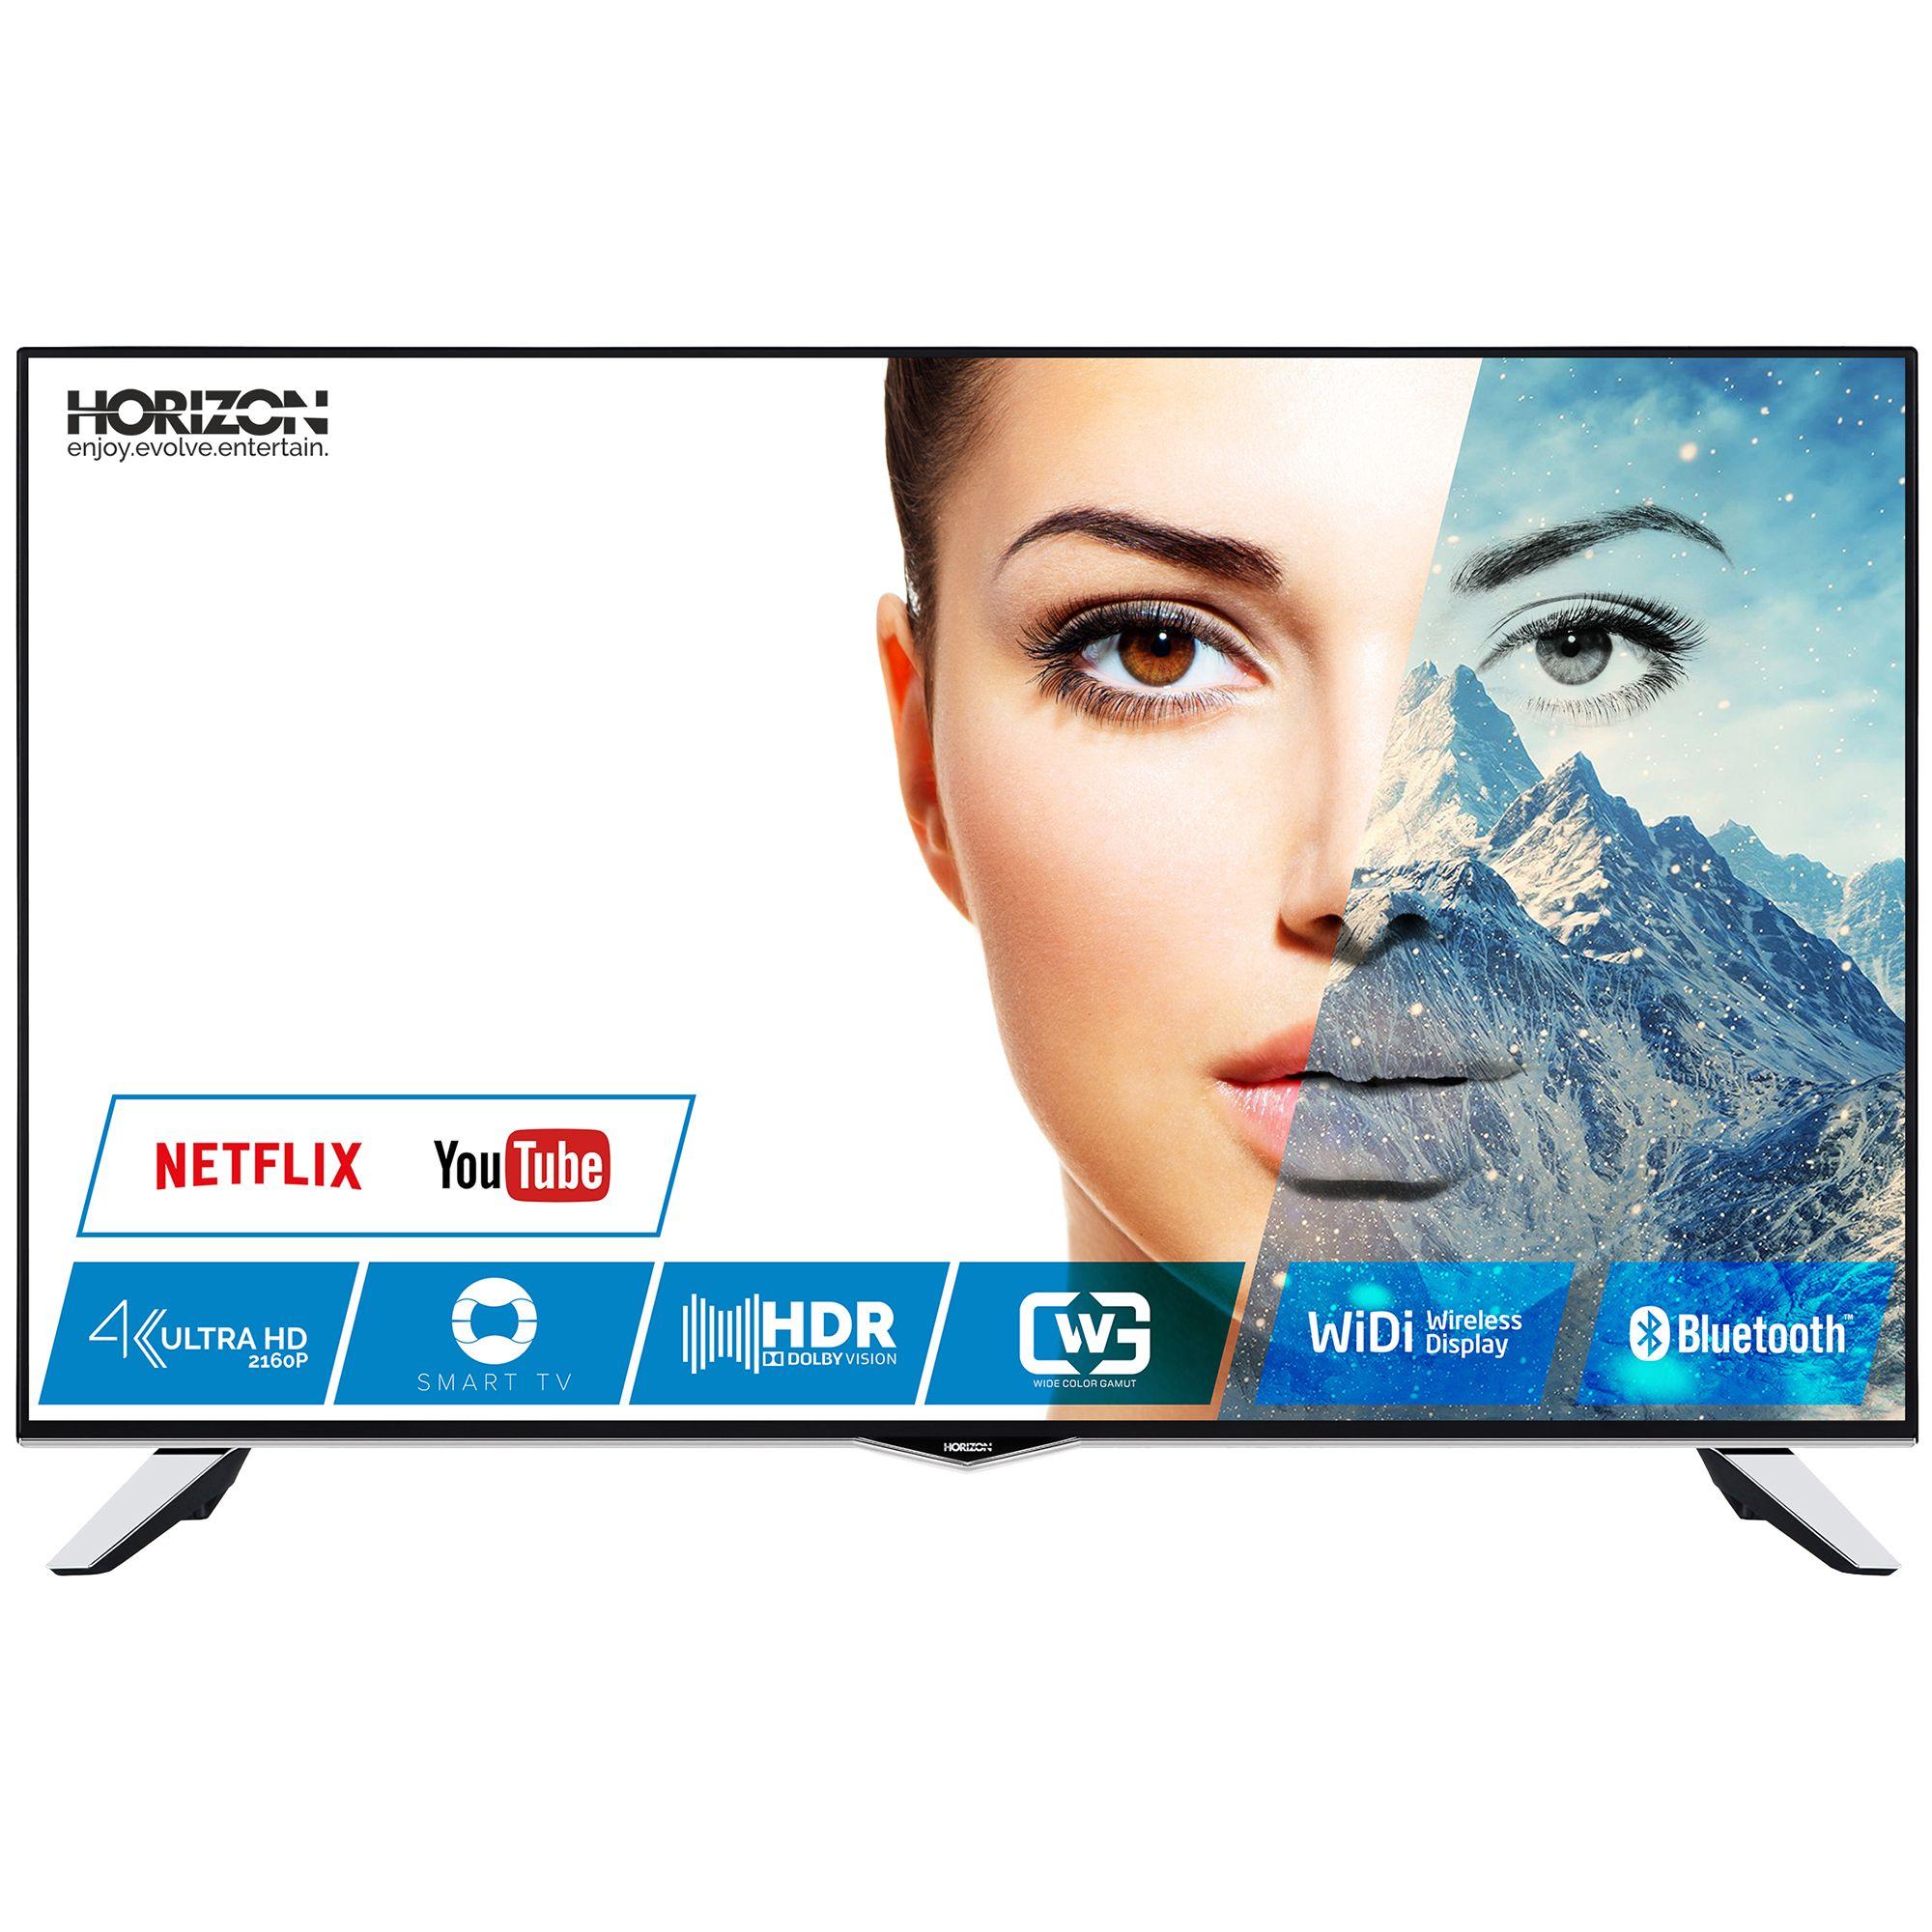 Televizor LED Horizon Smart TV 49HL8530U 124cm 4K Ultra HD Negru